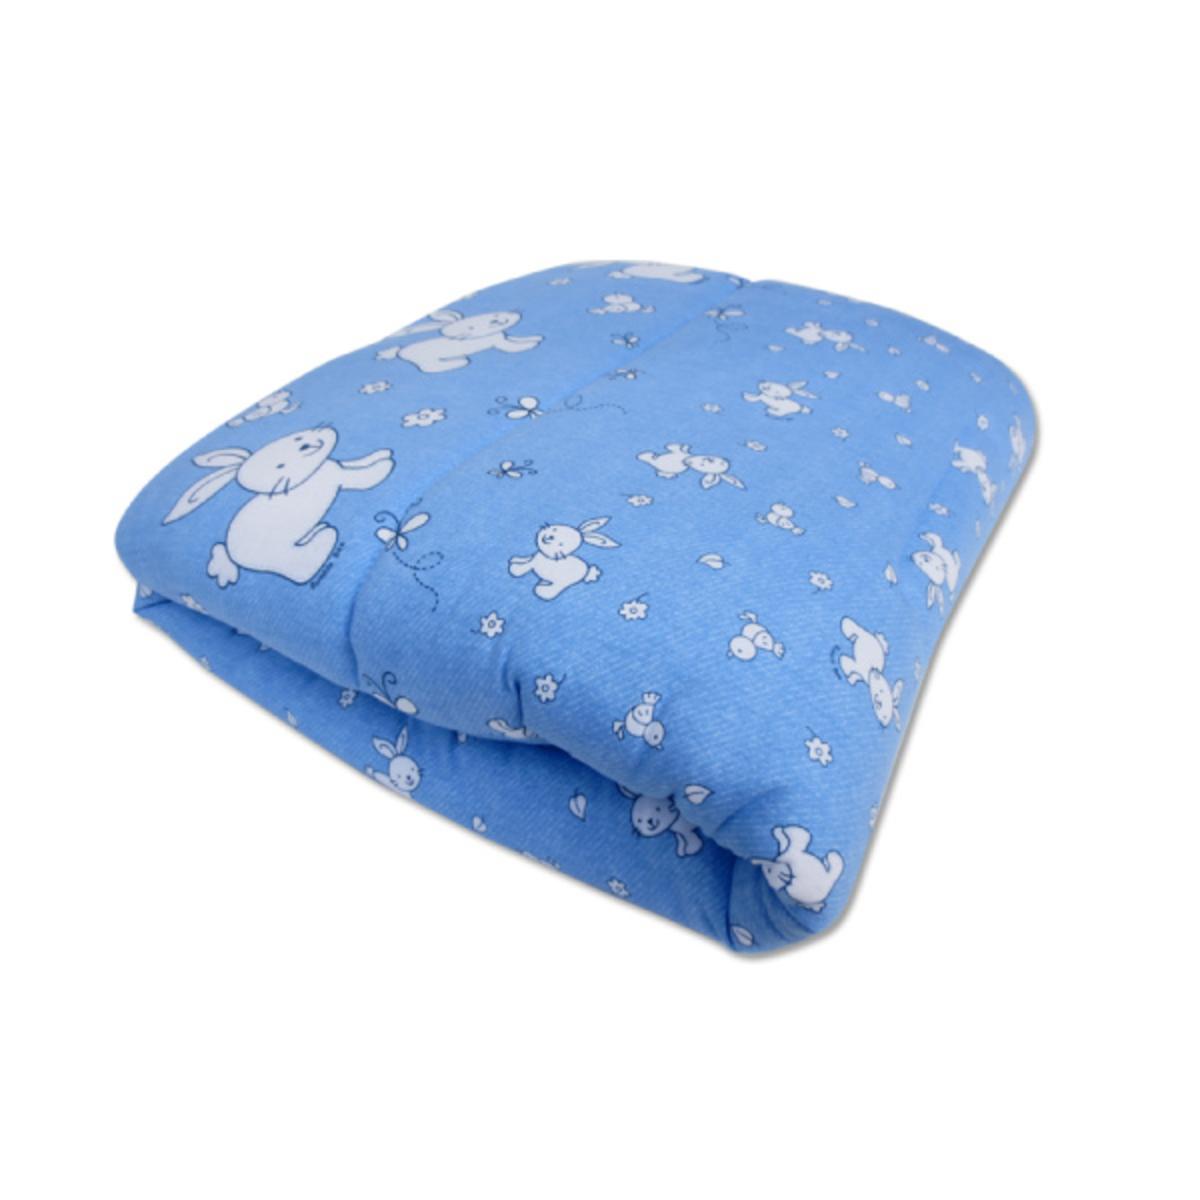 Bumble Bee Comforter -Denim Bunny | Go Shop